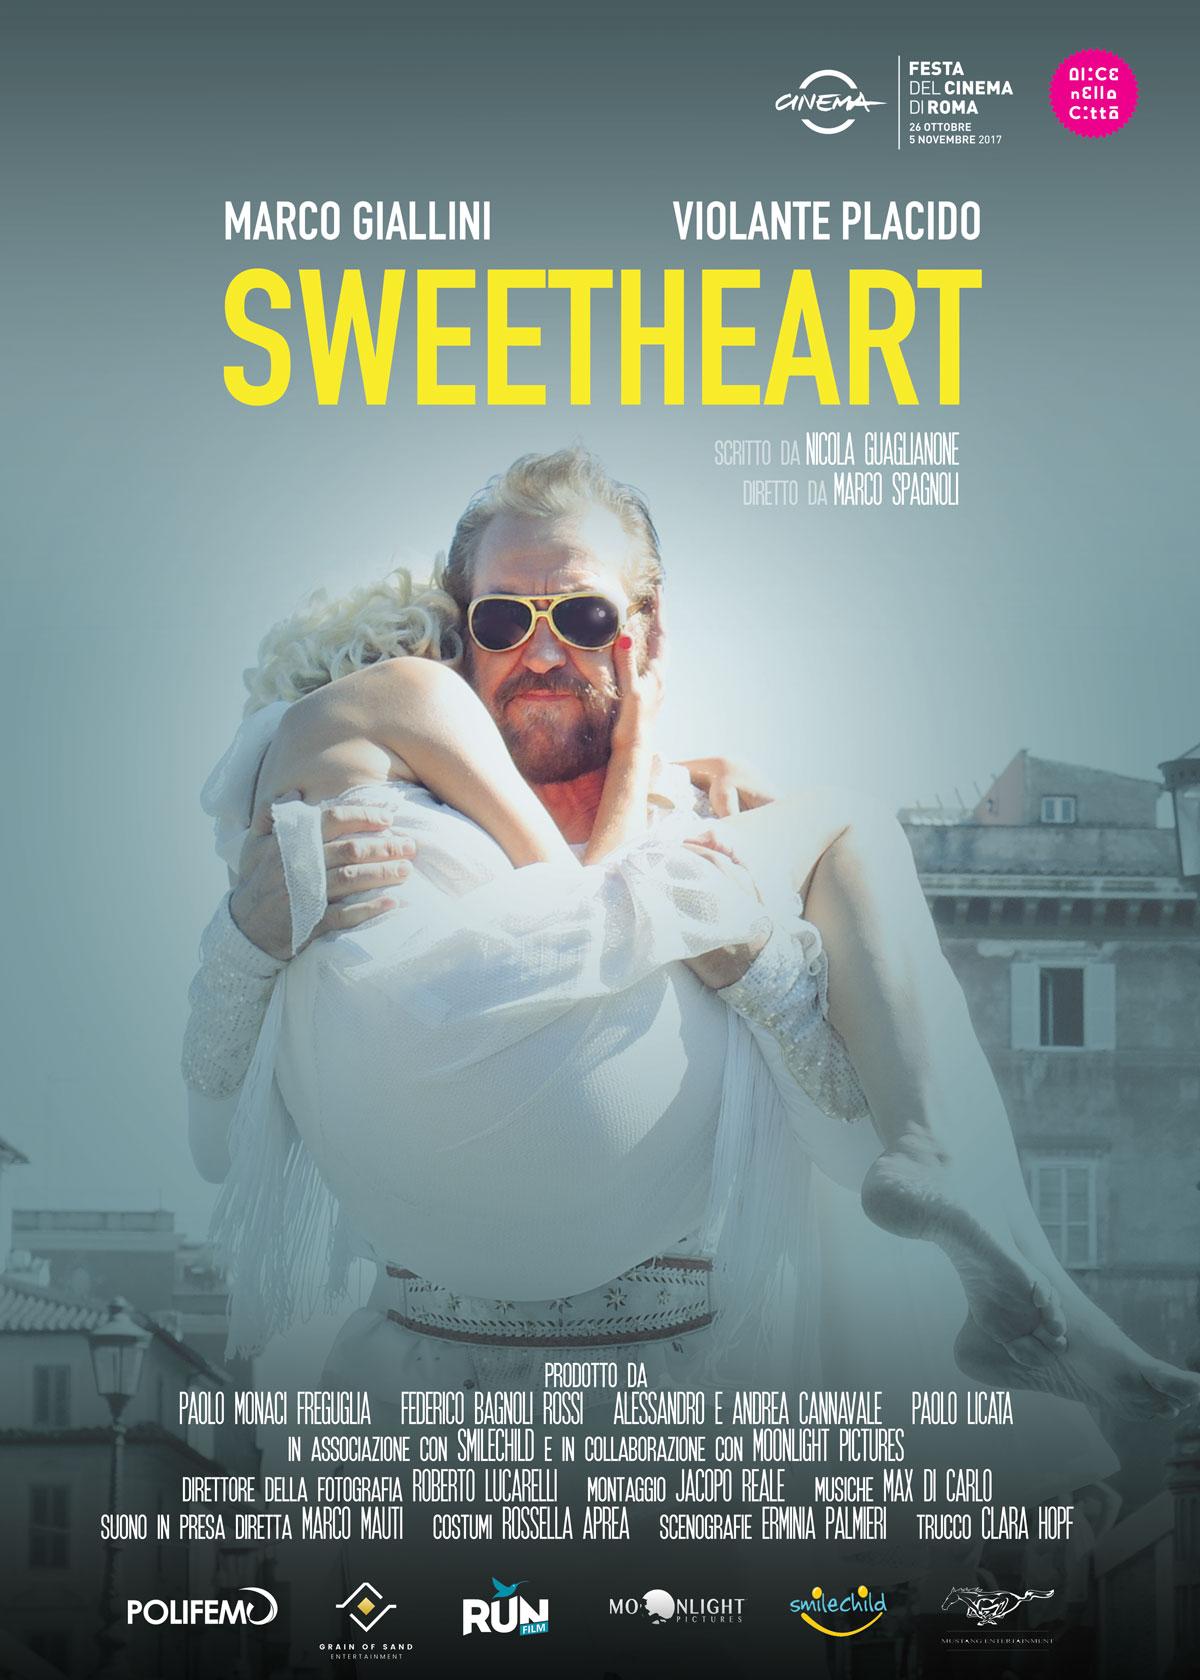 sweetheart-giallini-web